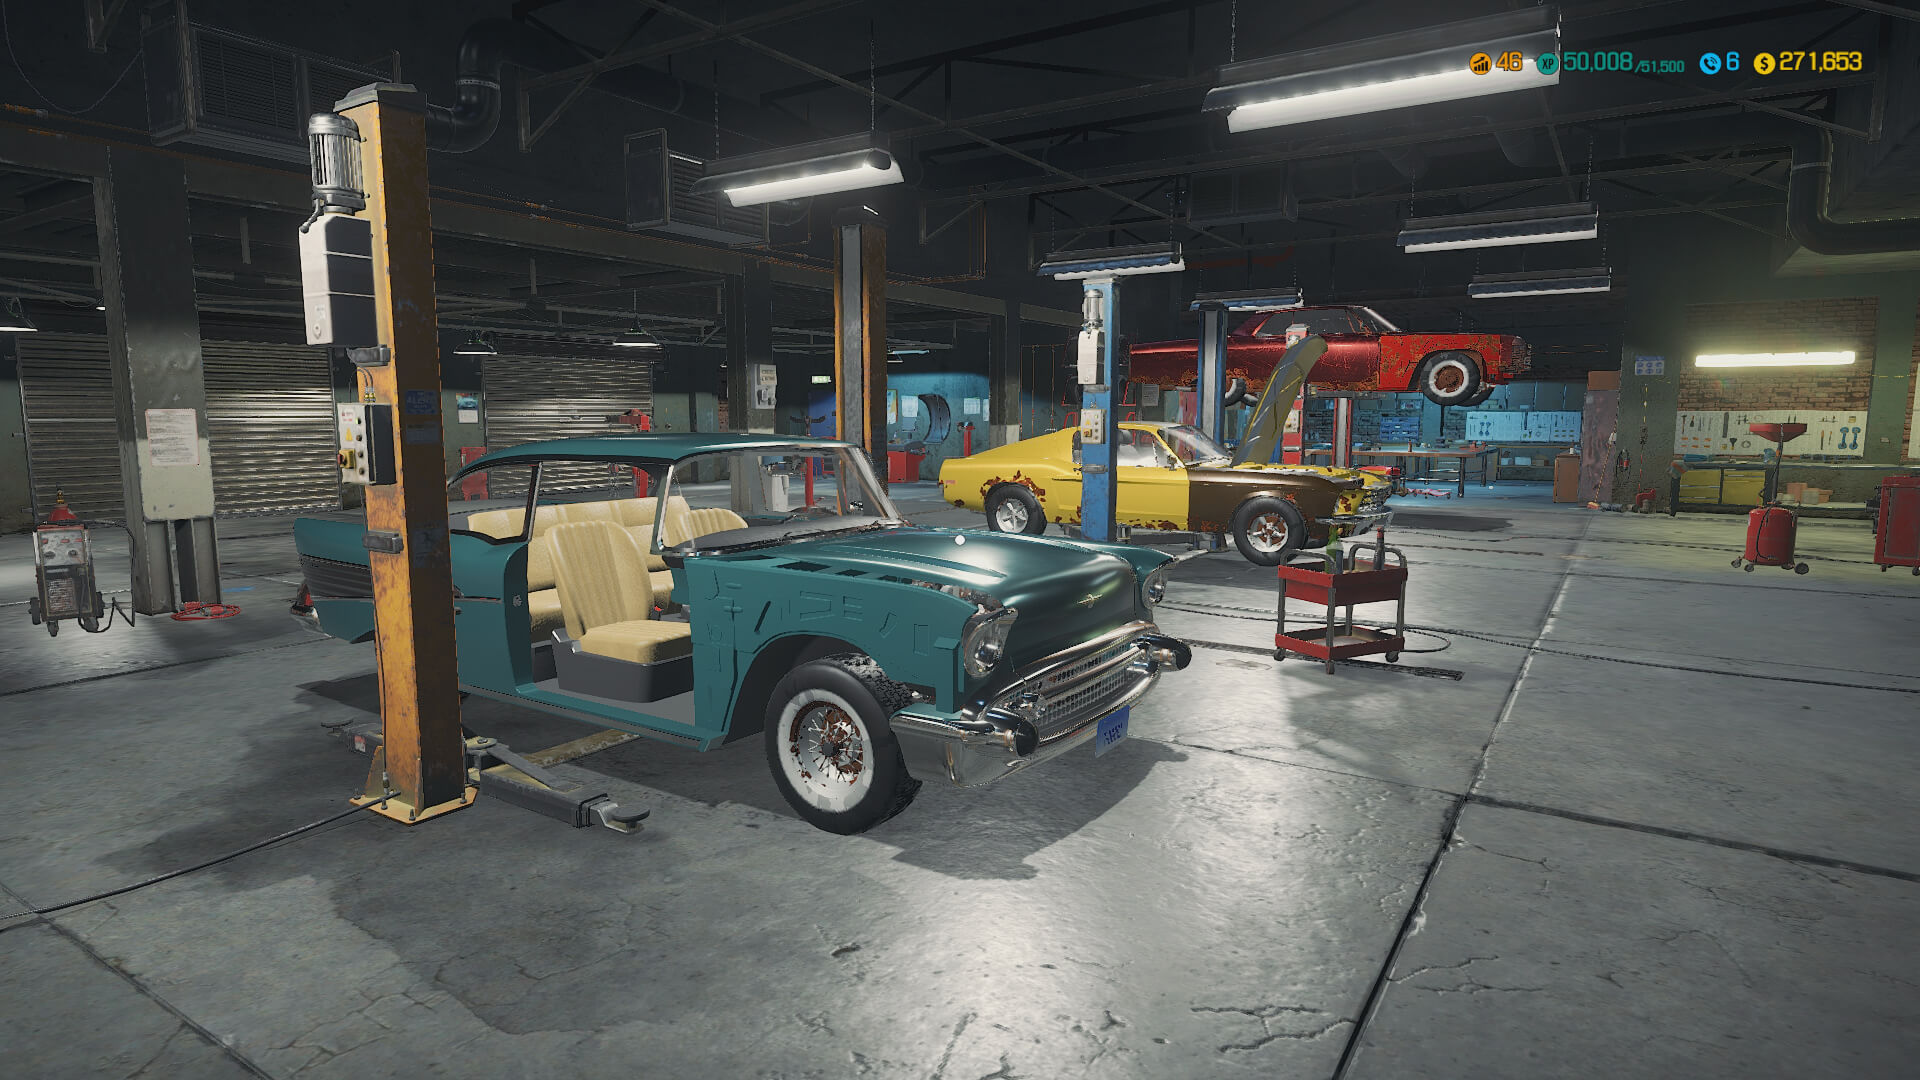 Jogo Car Mechanic Simulator Para Xbox One Dicas Analise E Imagens Jogorama